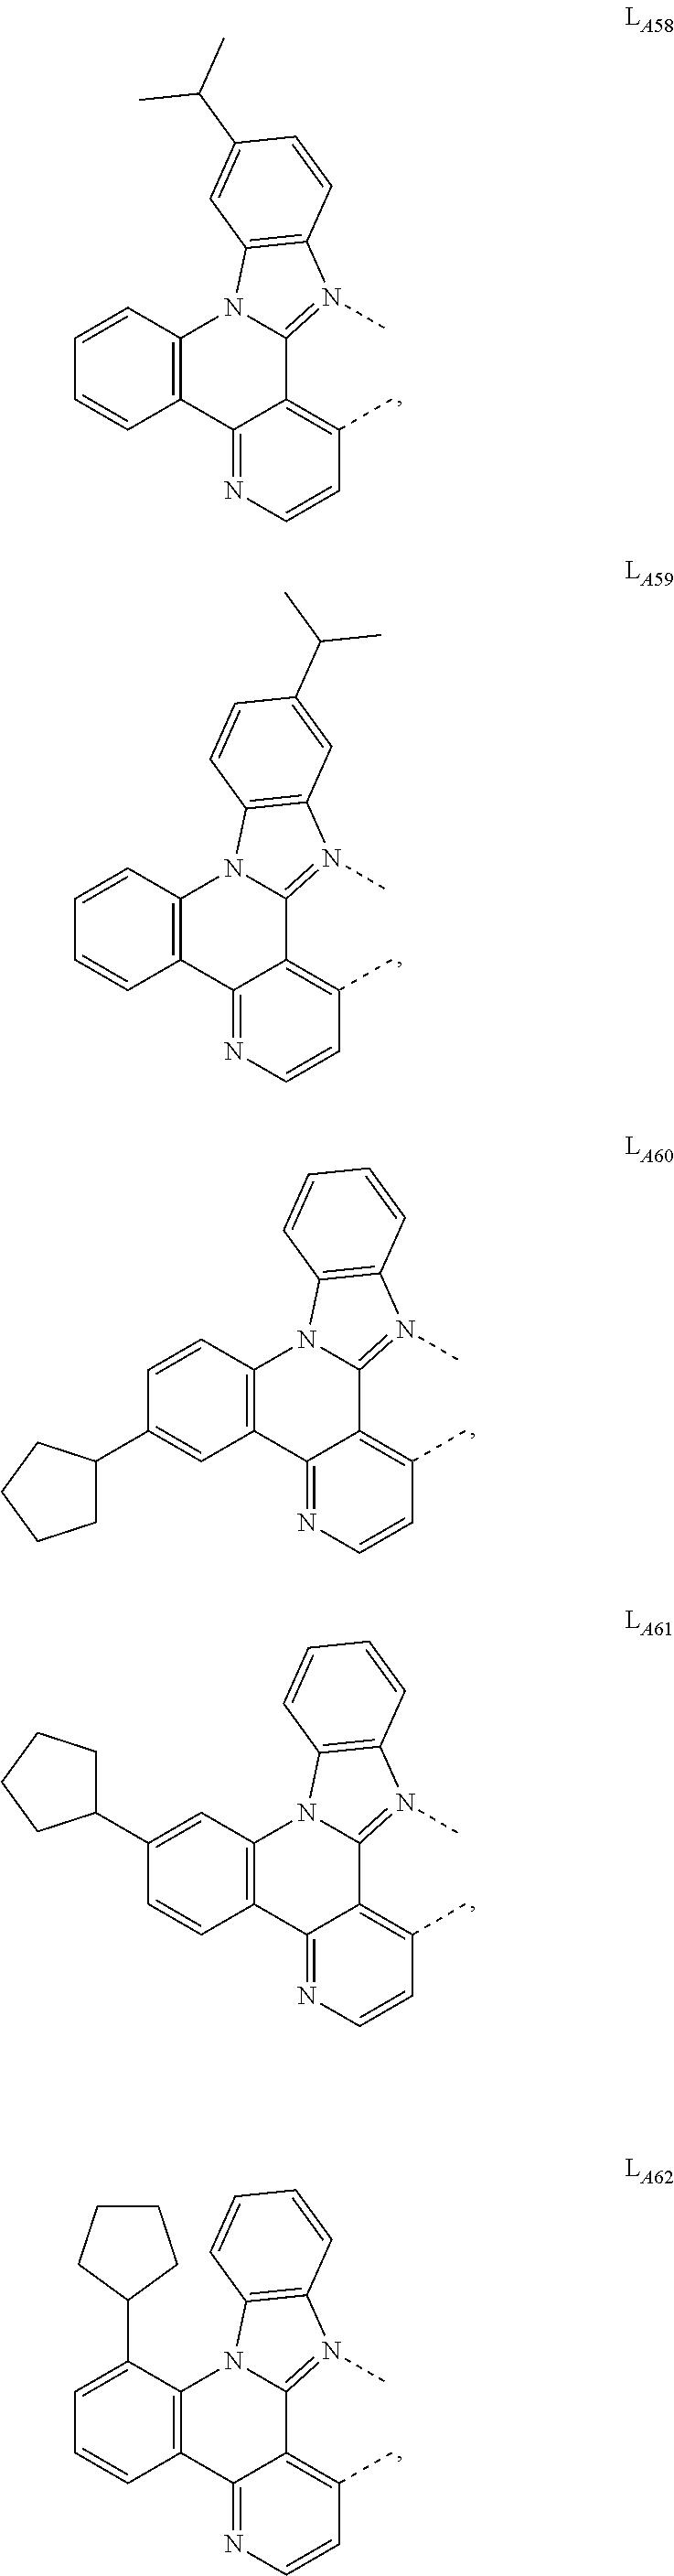 Figure US09905785-20180227-C00038